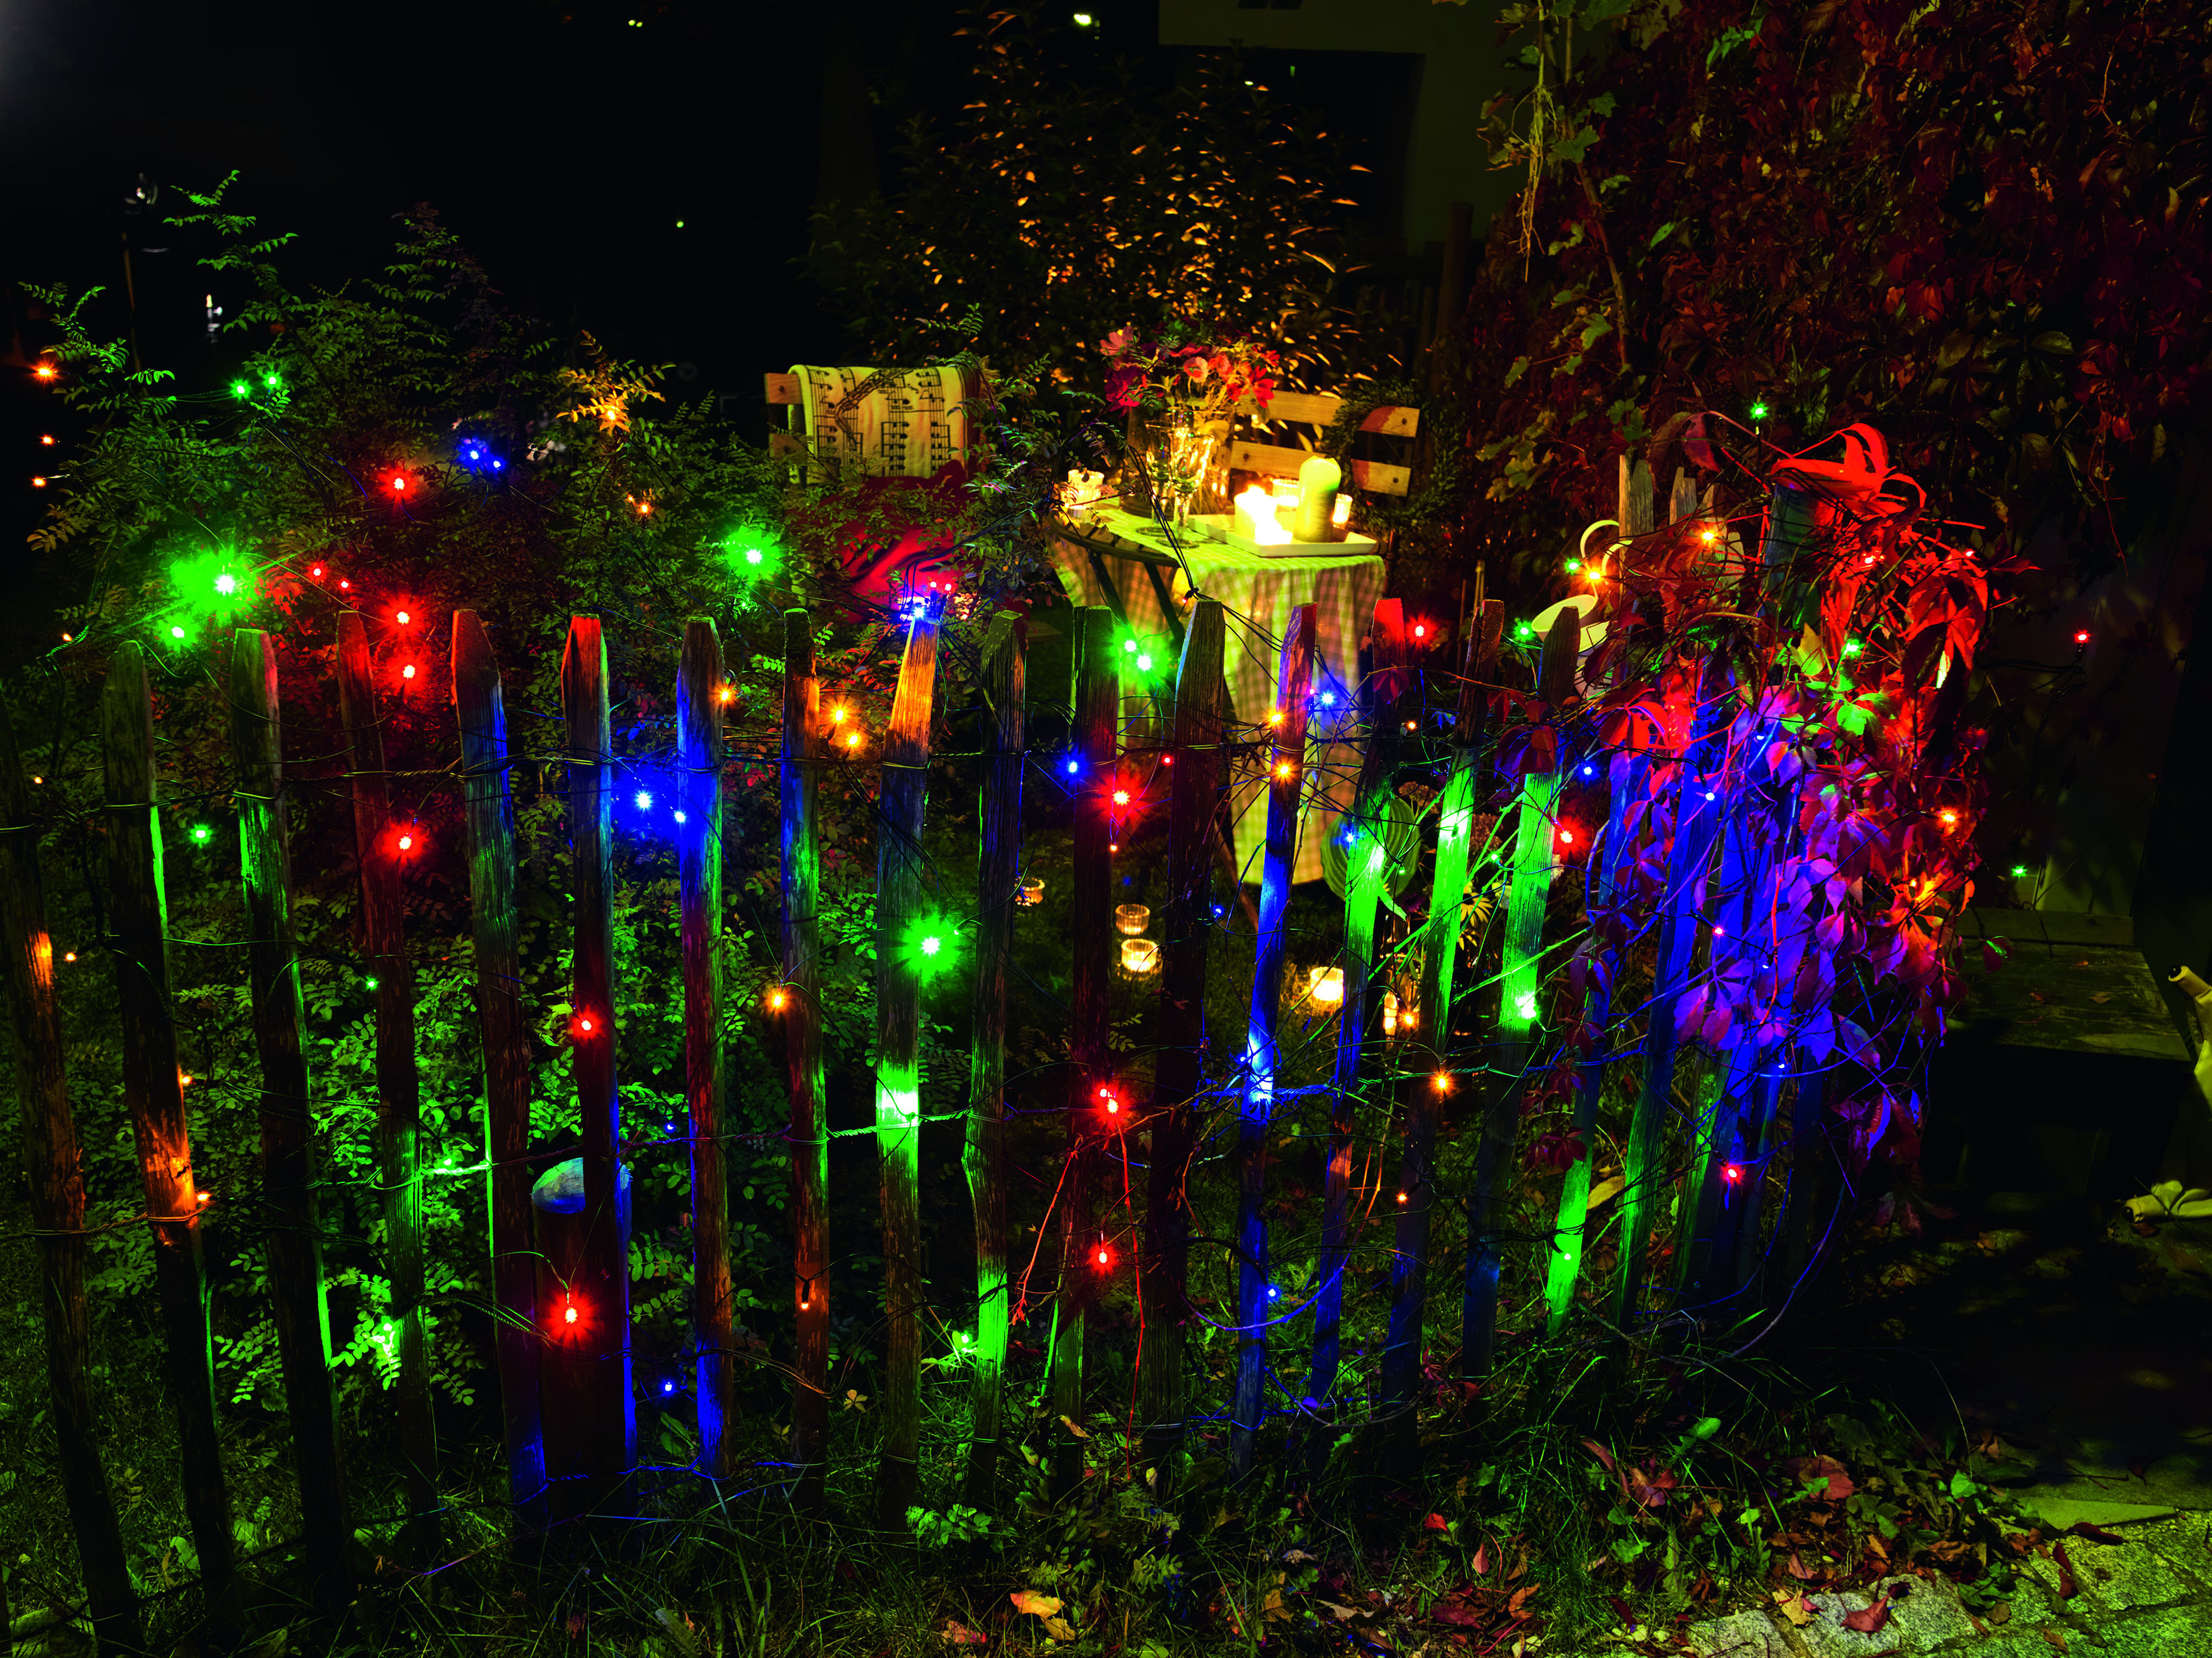 KONSTSMIDE LED-Lichternetz, 120 St.-flammig, LED Lichternetz, 120 bunte Dioden kaufen